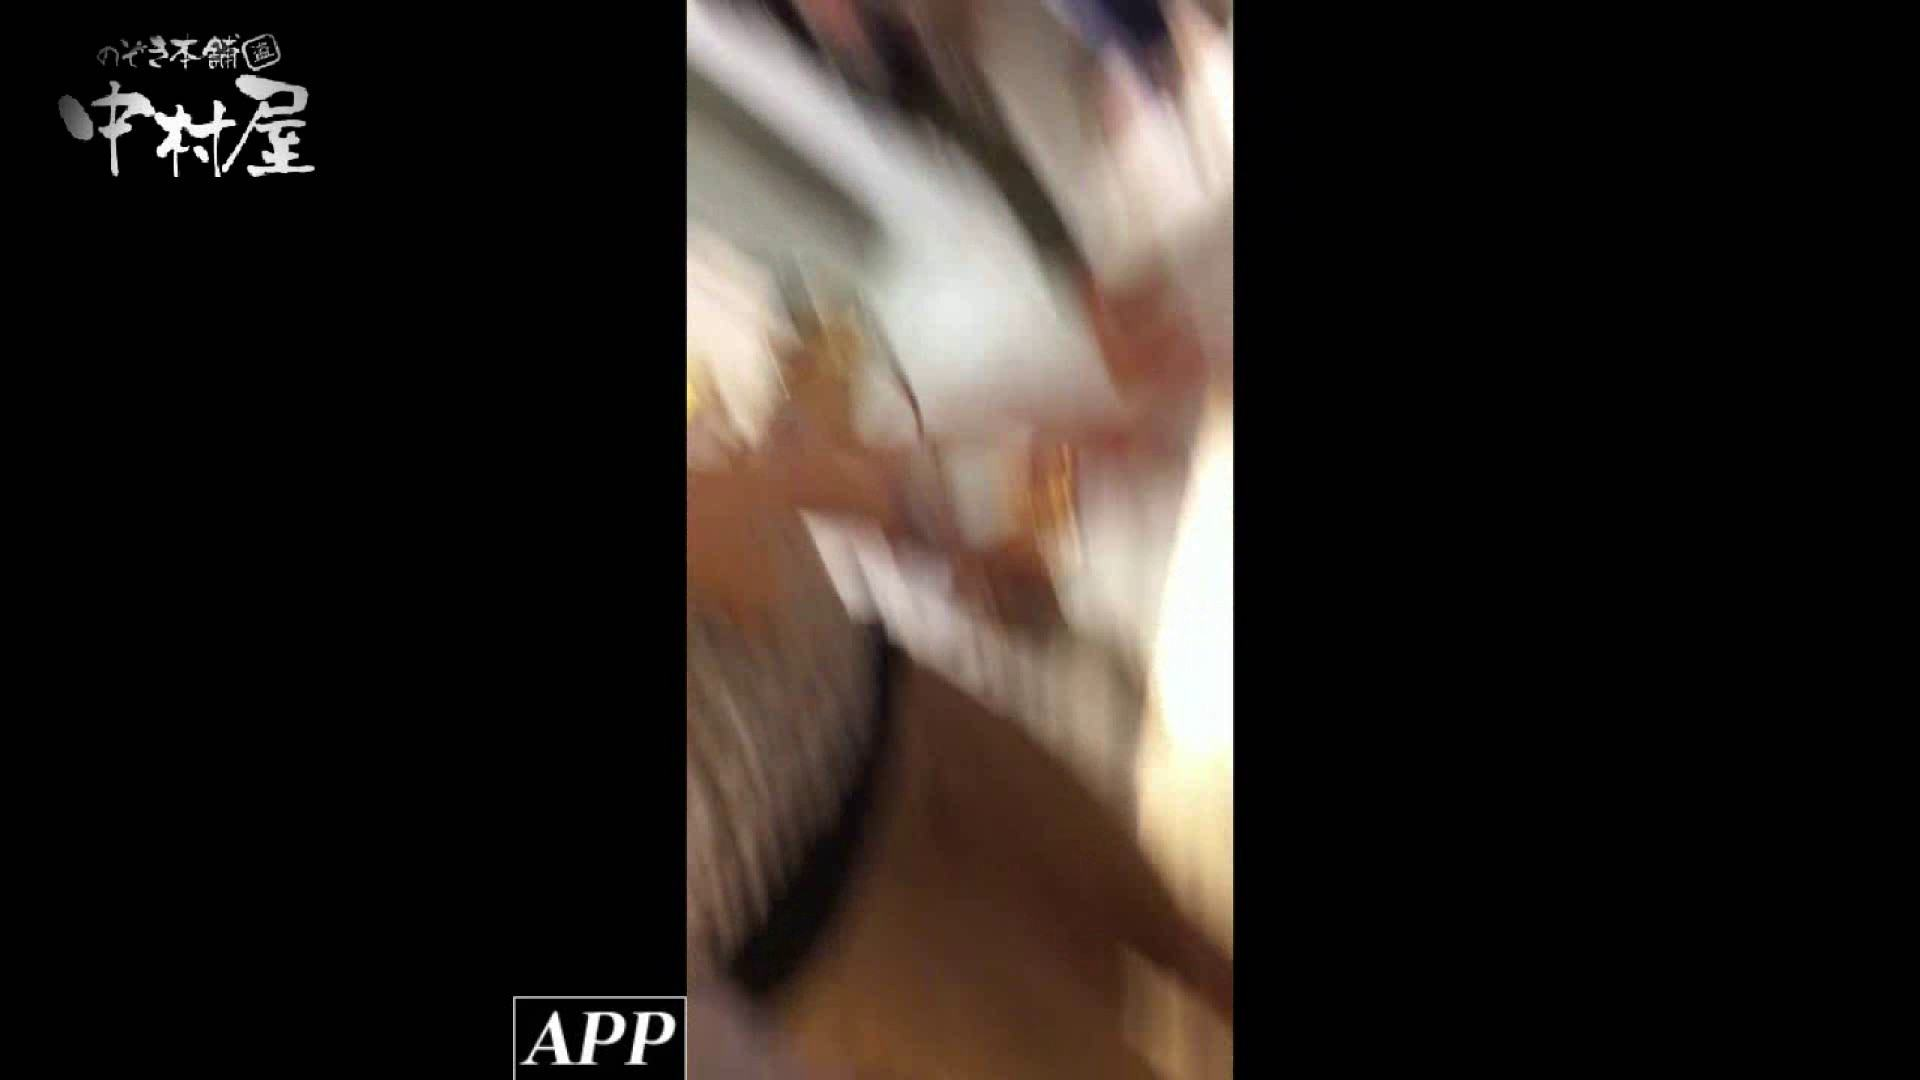 ハイビジョン盗撮!ショップ店員千人斬り!胸チラ編 vol.45 チクビ編 スケベ動画紹介 83PIX 59